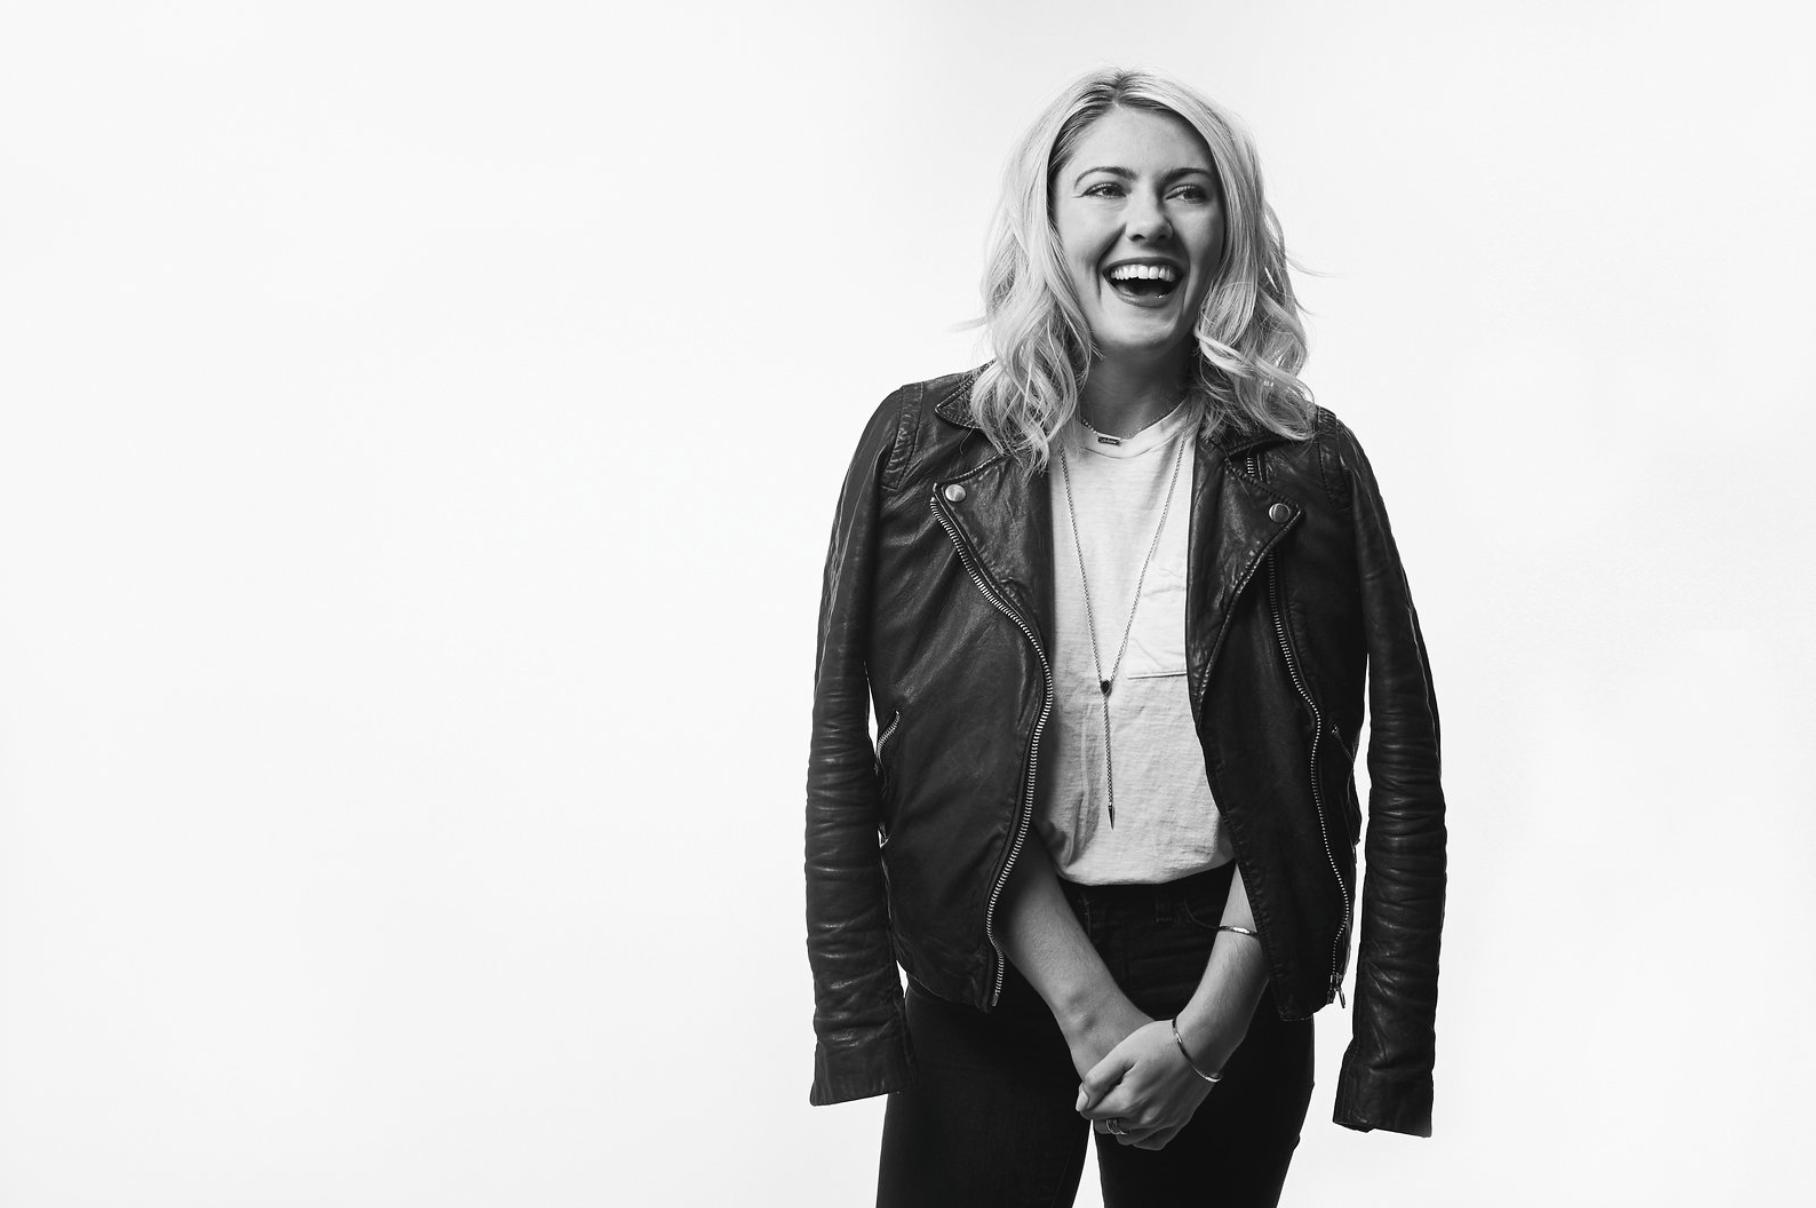 Katie Dean - L.A. Lady Interviews